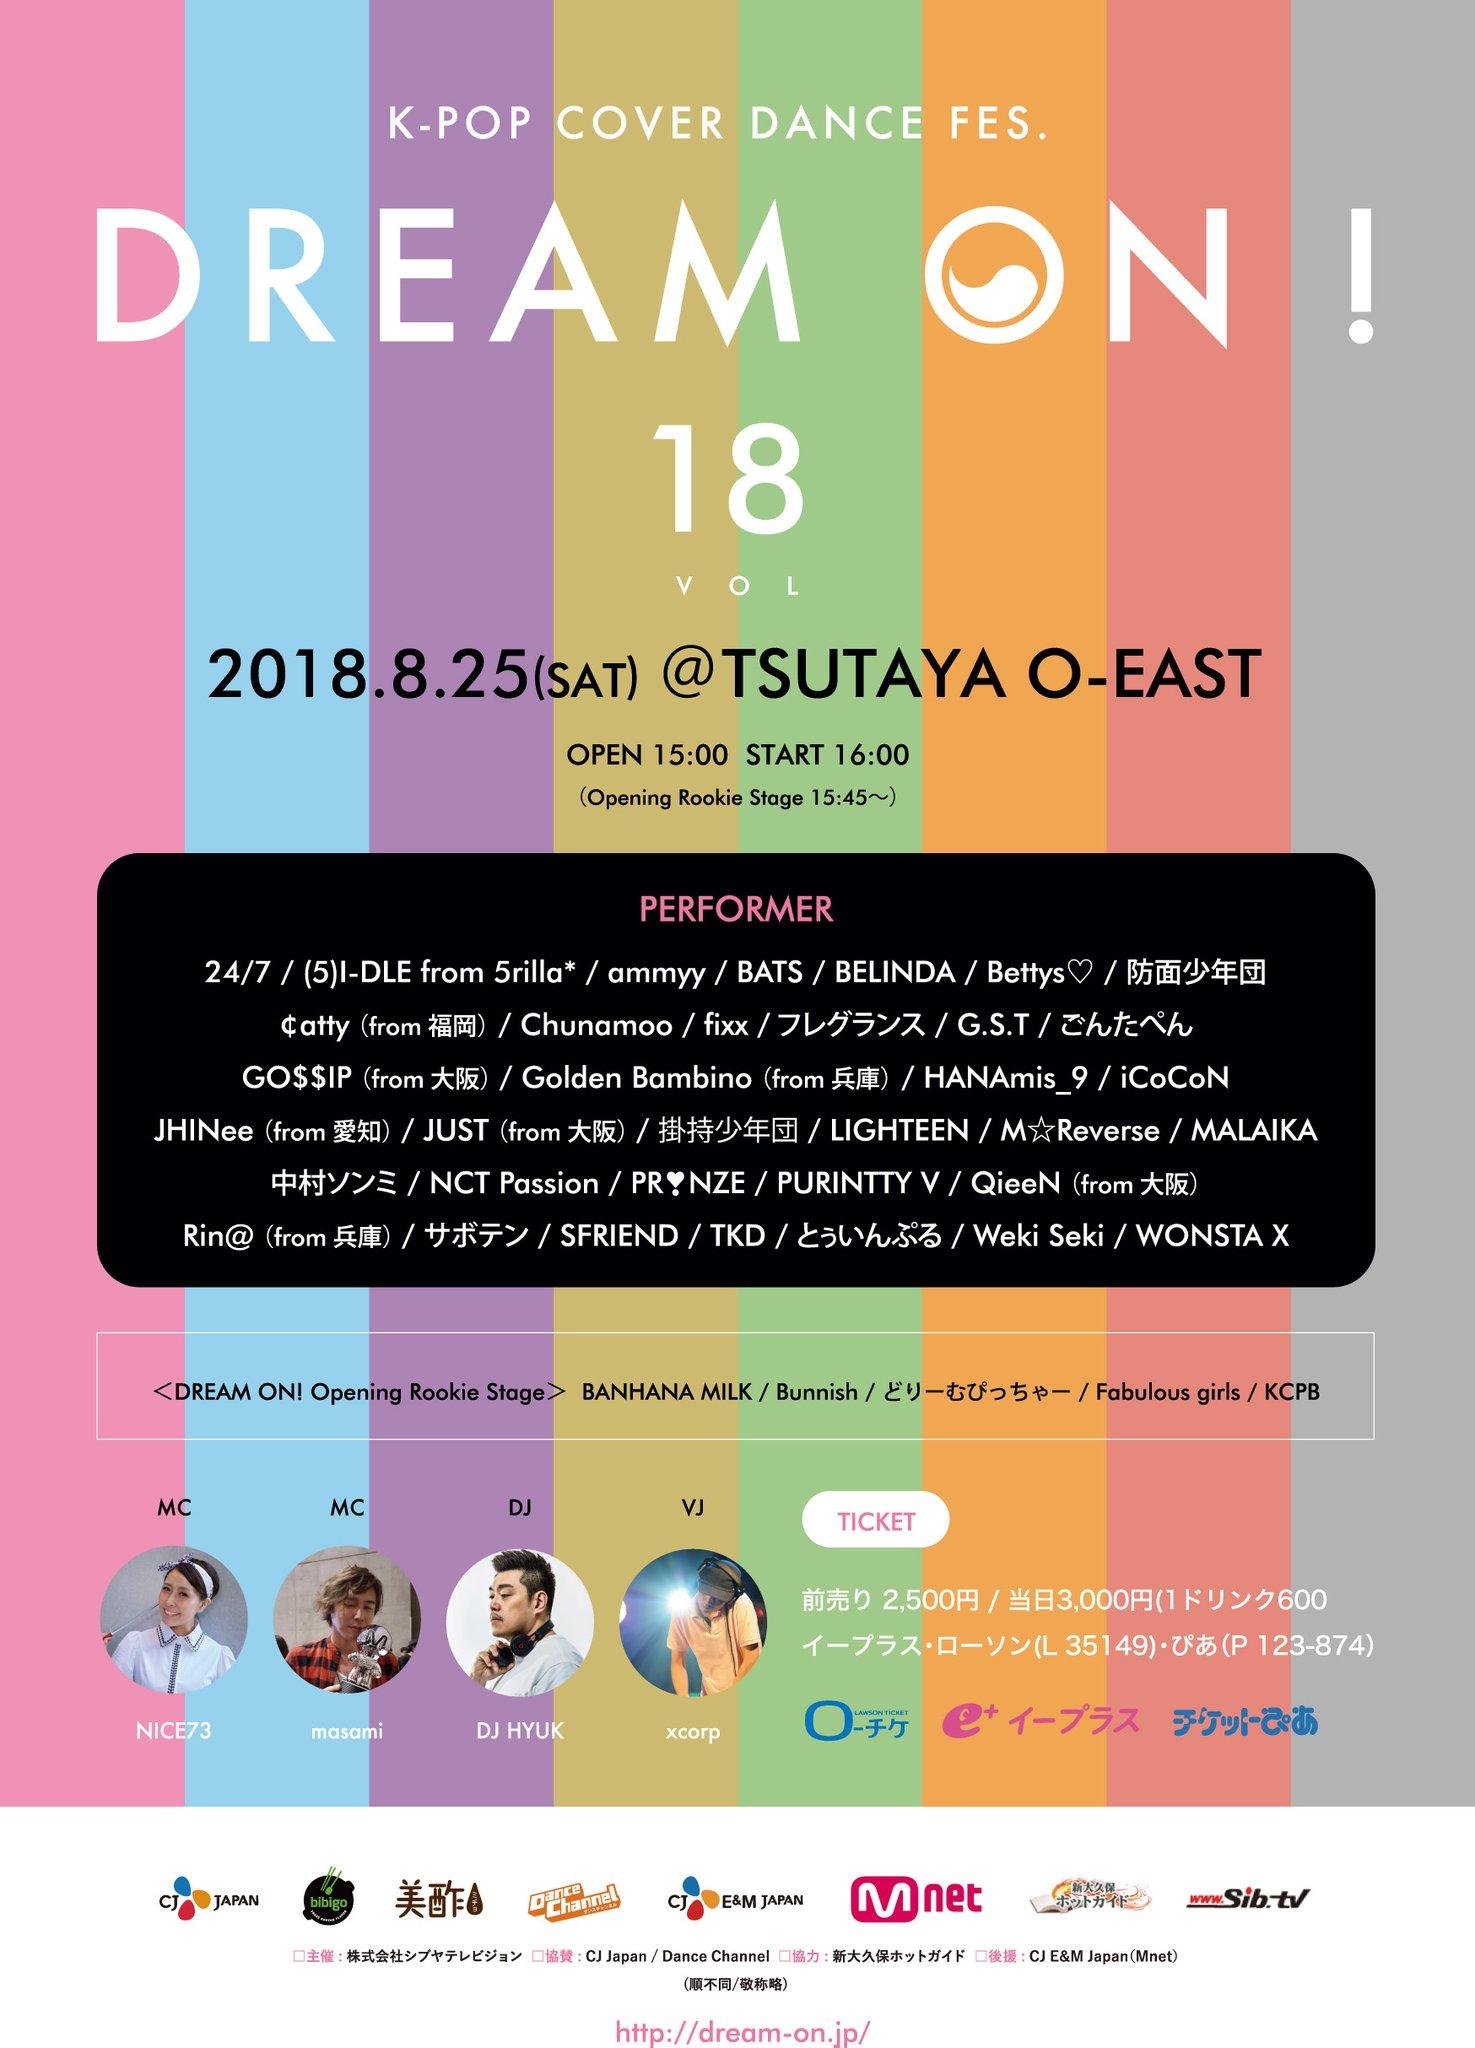 8/25(土) K-POP COVER DANCE FES. DREAM ON! Vol.18